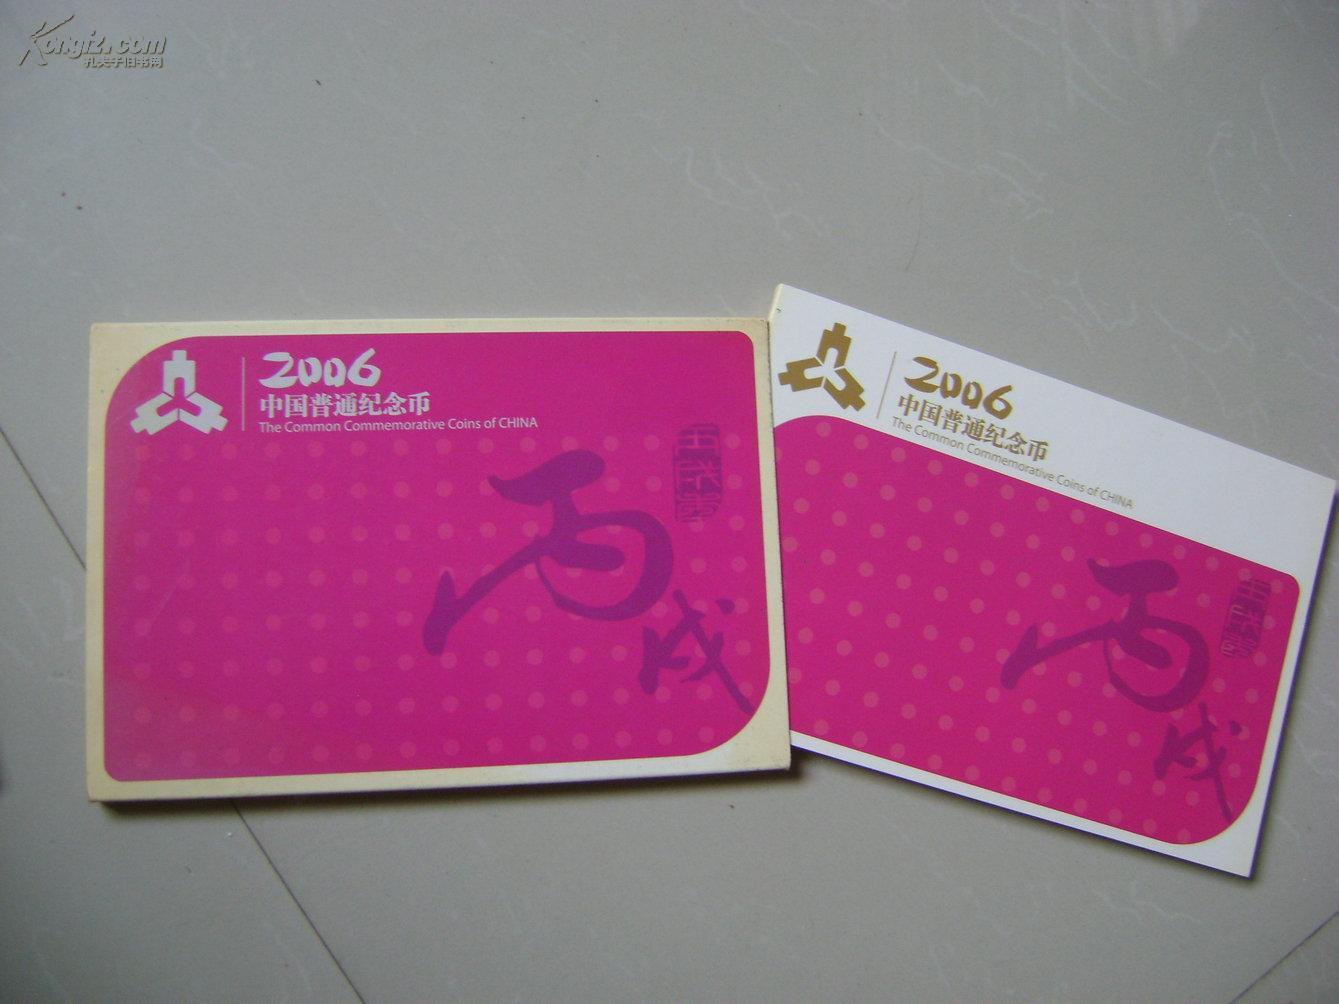 2006年中国普通纪念币年册